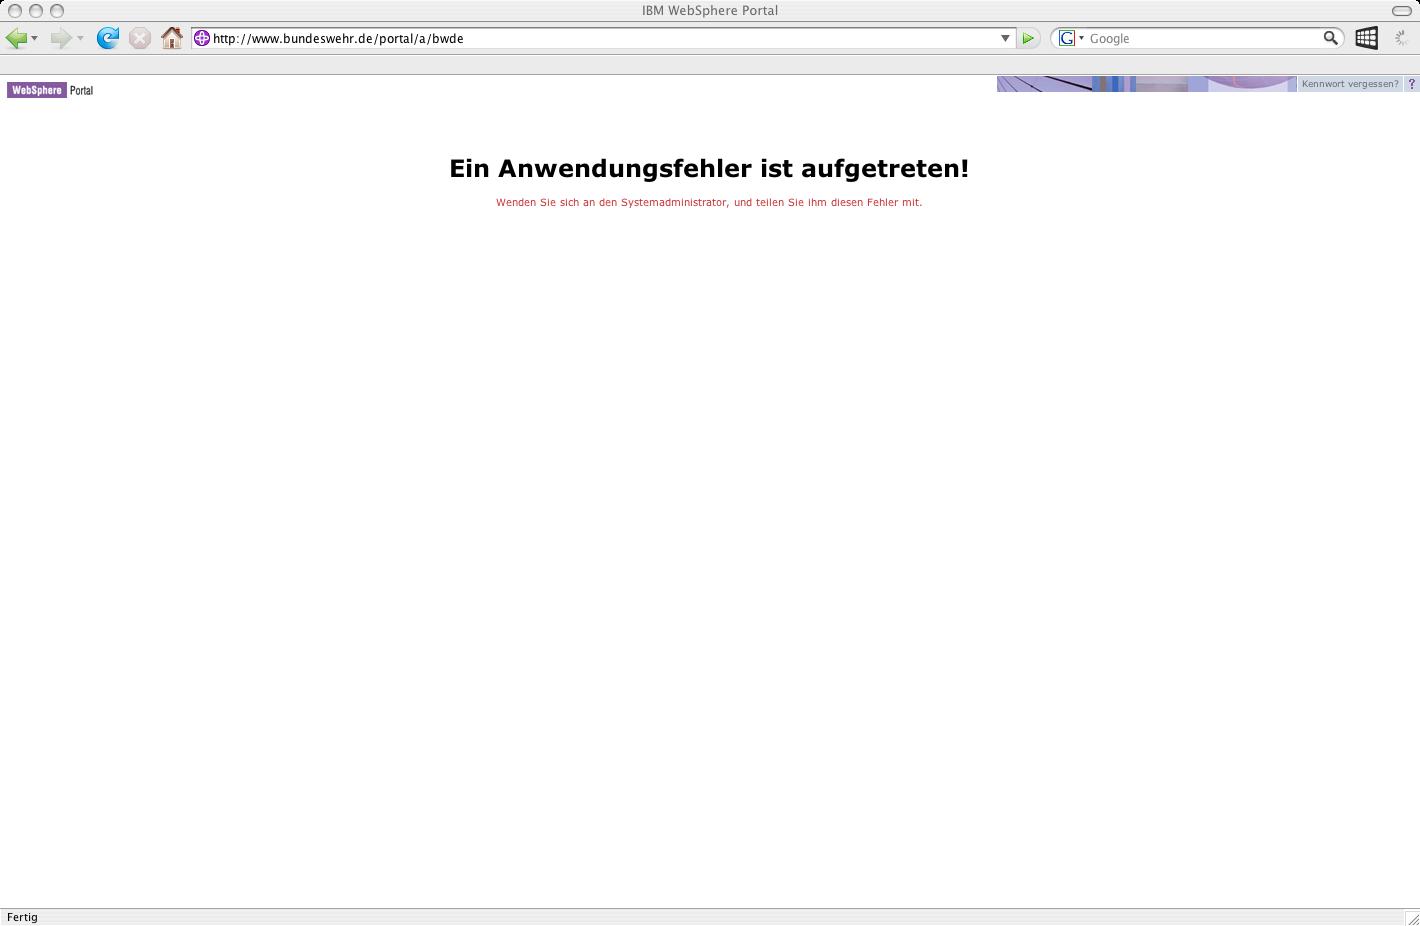 Webseite der Bundeswehr am 20. Oktober 2008, 14.30 Uhr